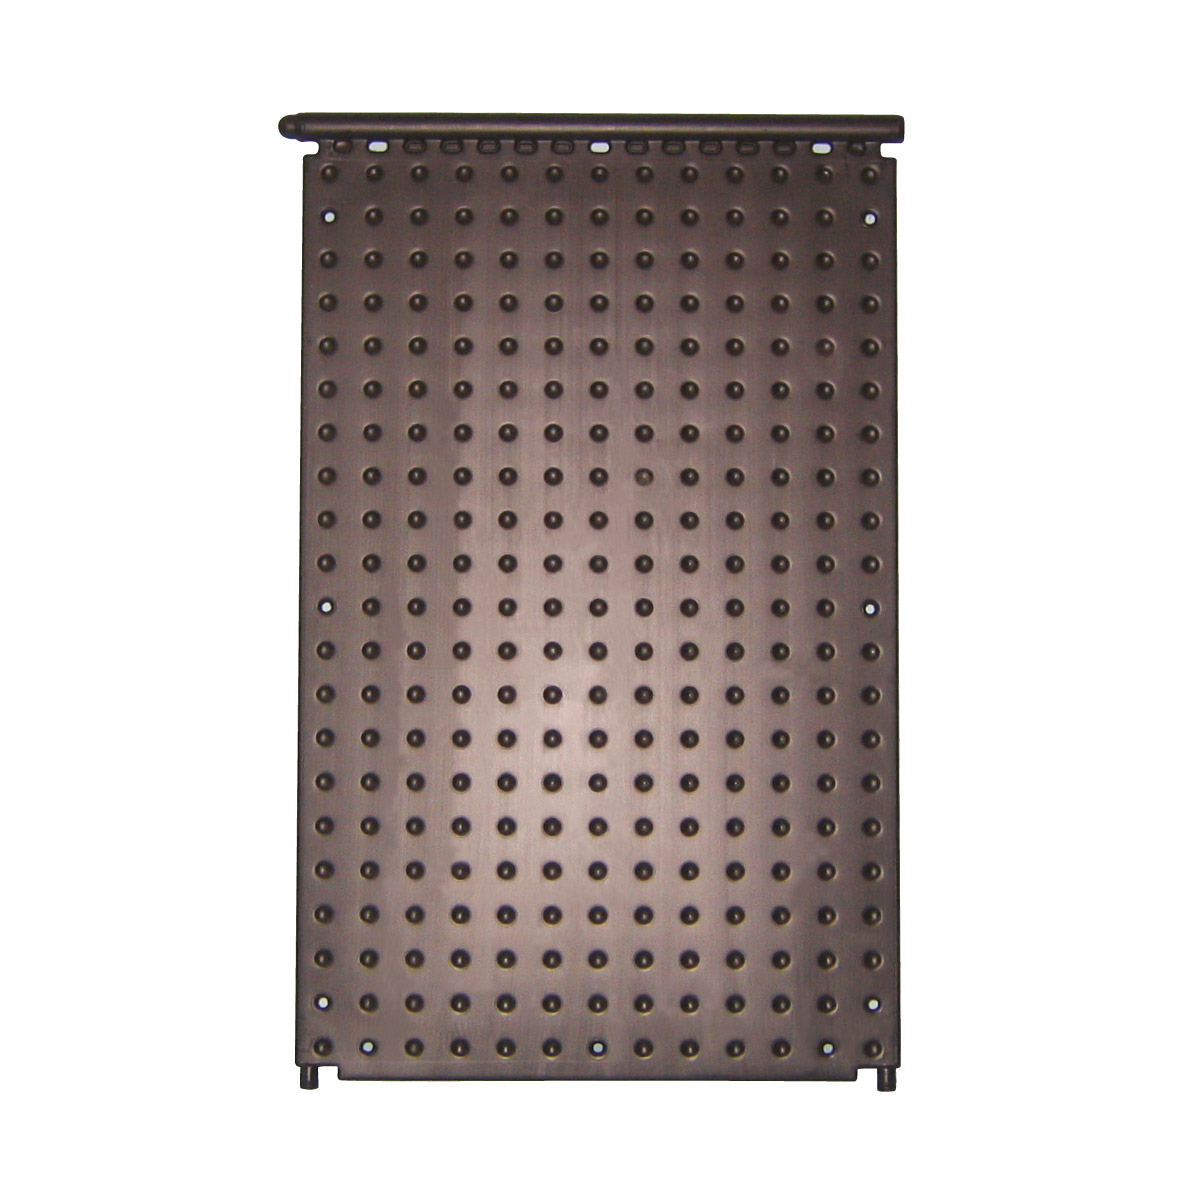 Solar-Absorber Ocean®PE schwarz mit integriertem Sammelrohr 40 mm, 1320 x 820 mm Solar-Absorber Ocean®PE schwarz mit integriertem Sammelrohr 40 mm, 1320 x 820 mm